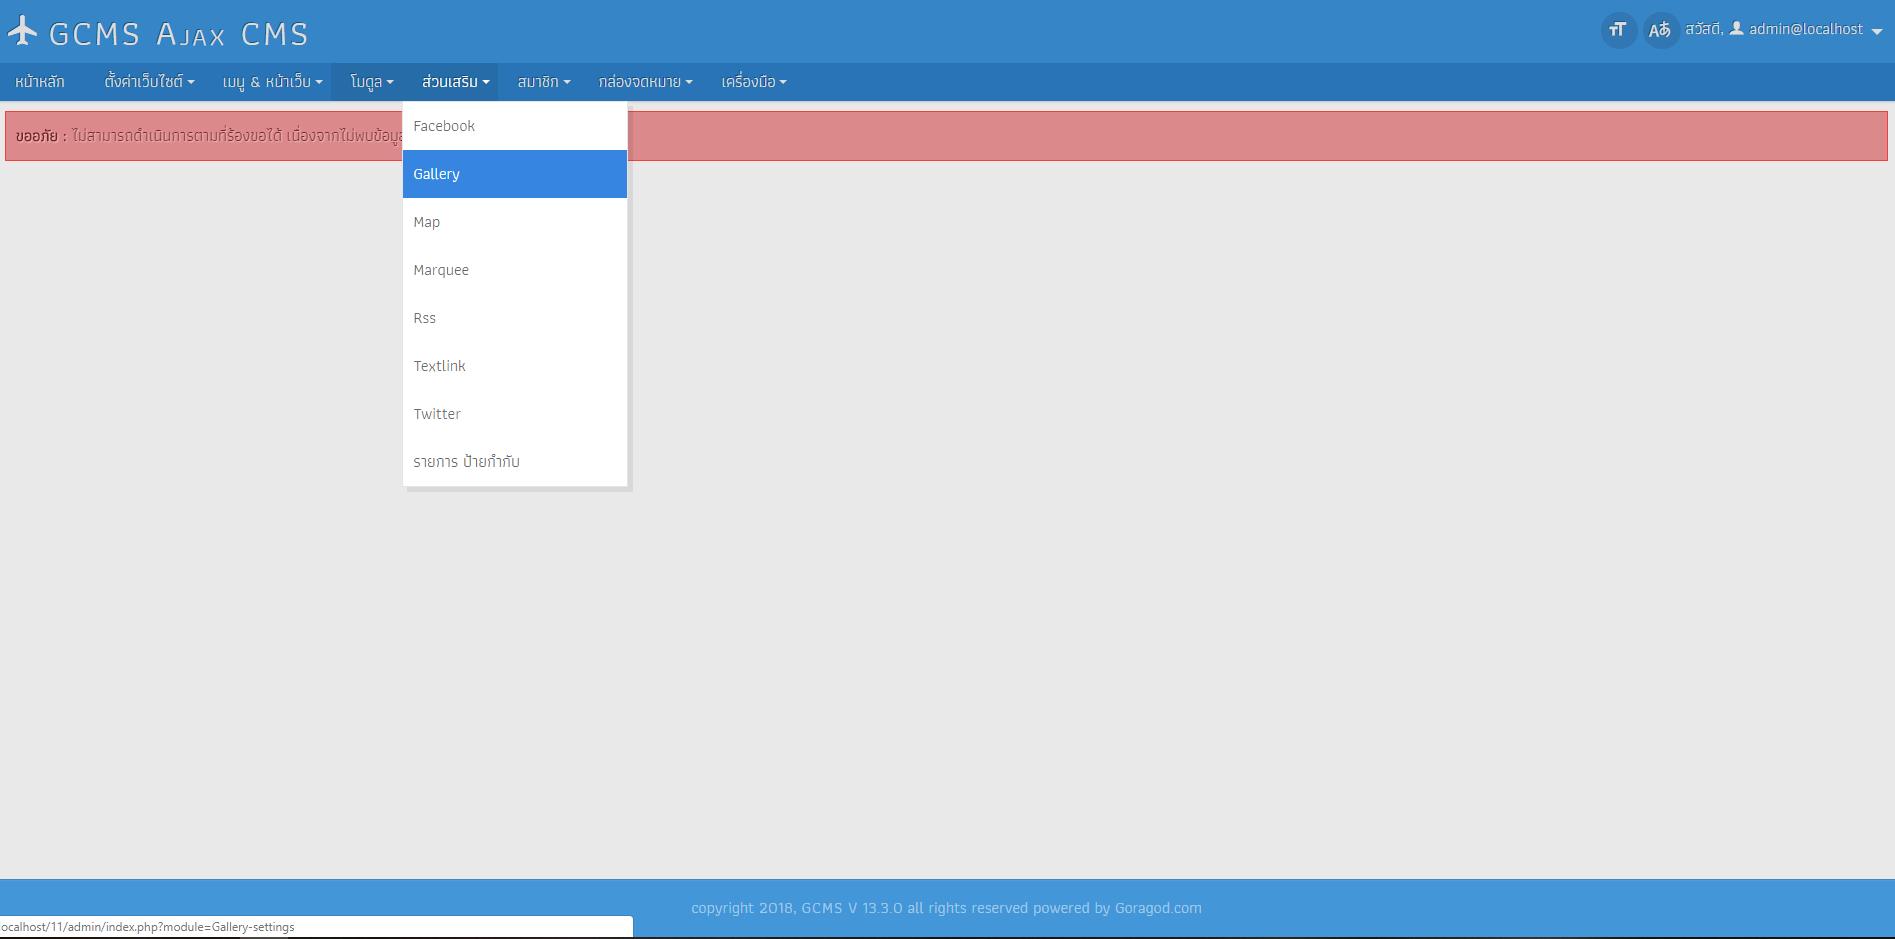 หลังจาก update gcms 13.3 แล้วเกิดปัญหาโมดูลไม่แสดงผล